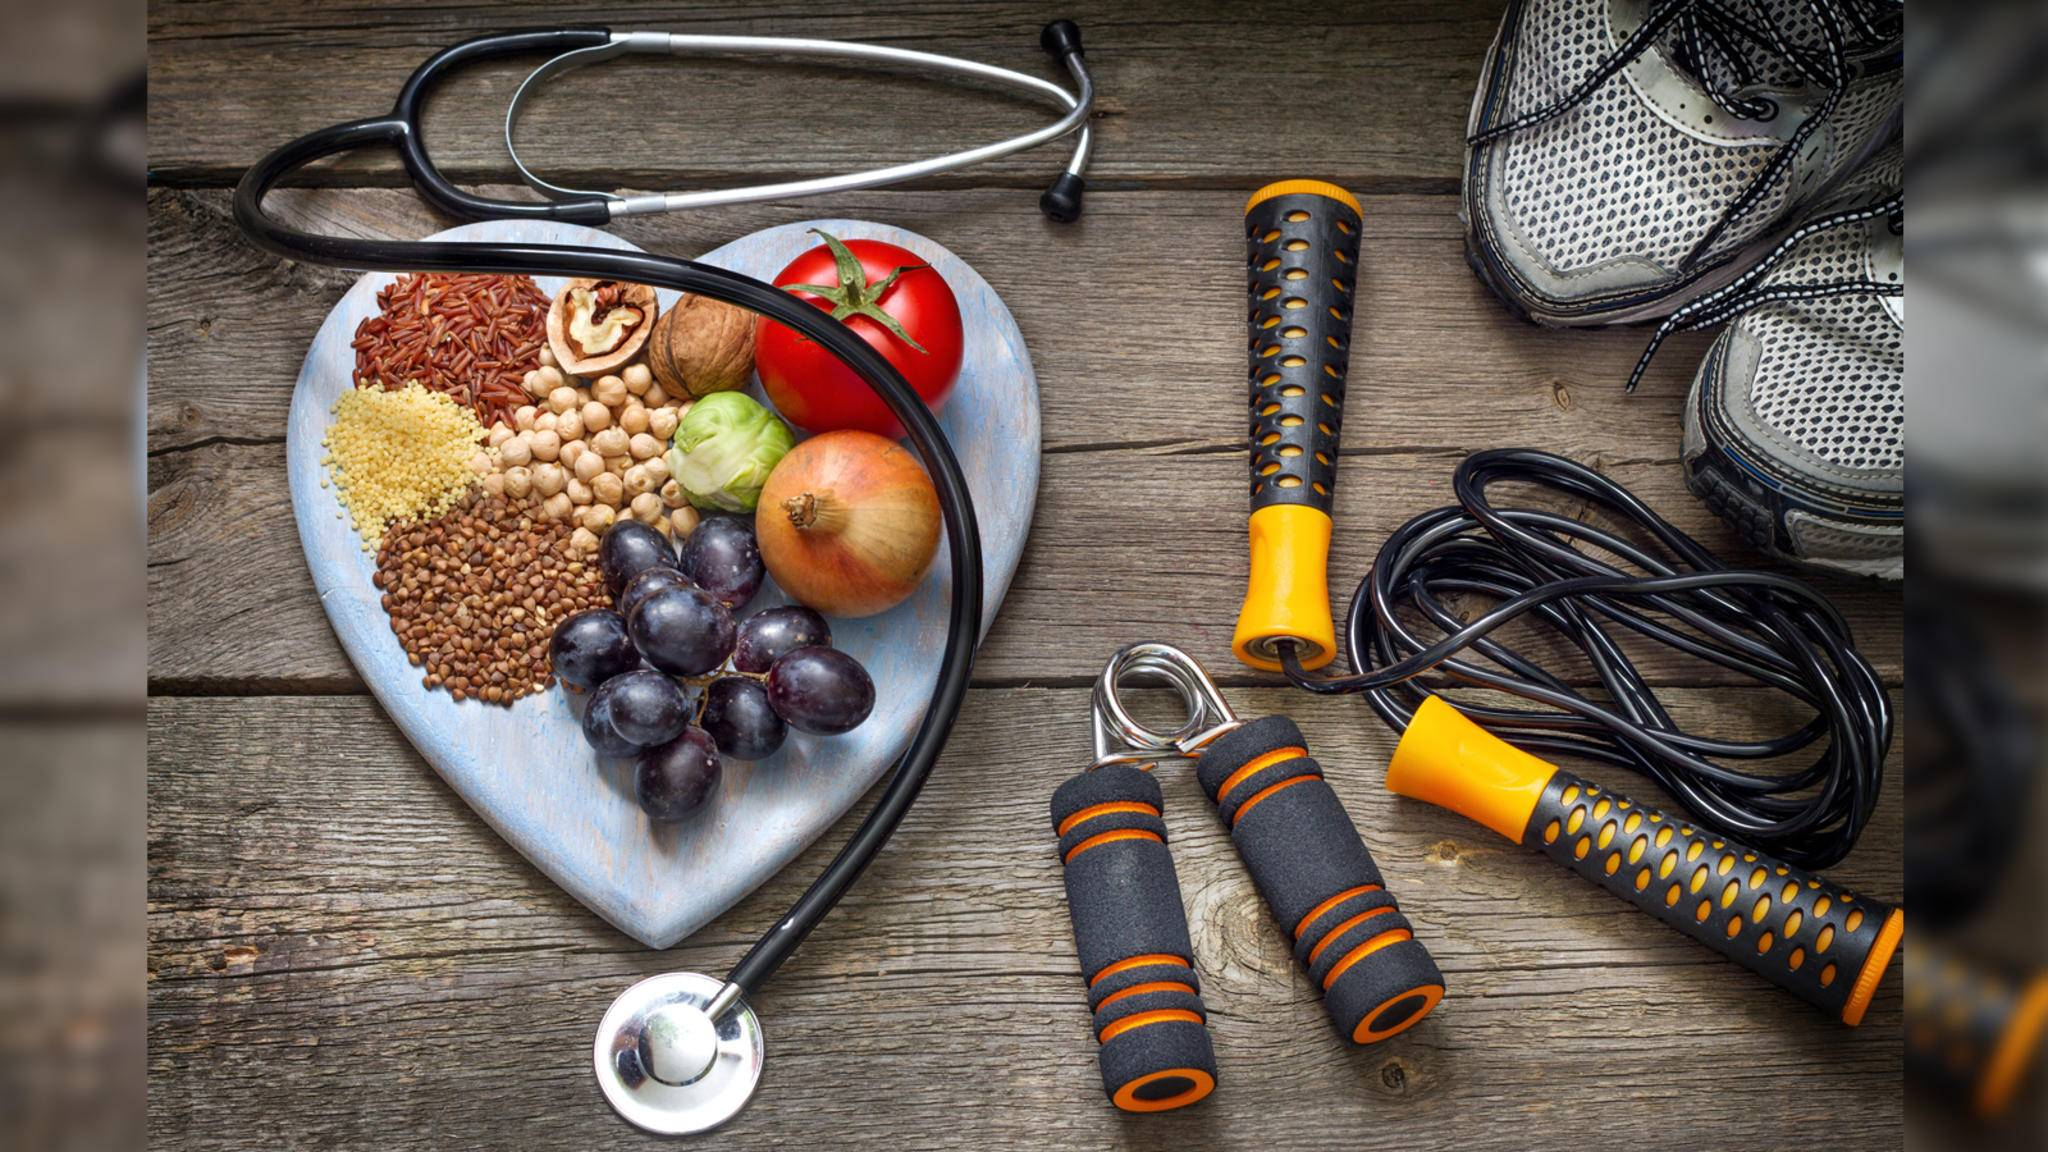 Frühaufsteher ernähren sich nicht nur gesünder, sondern bewegen sich auch mehr und schlafen besser.